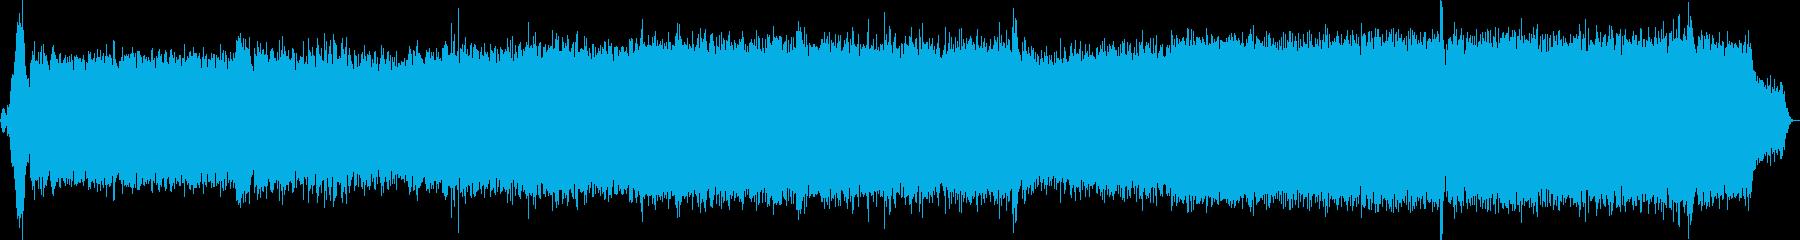 戦車がエンジンをかけ移動し、停止する音の再生済みの波形